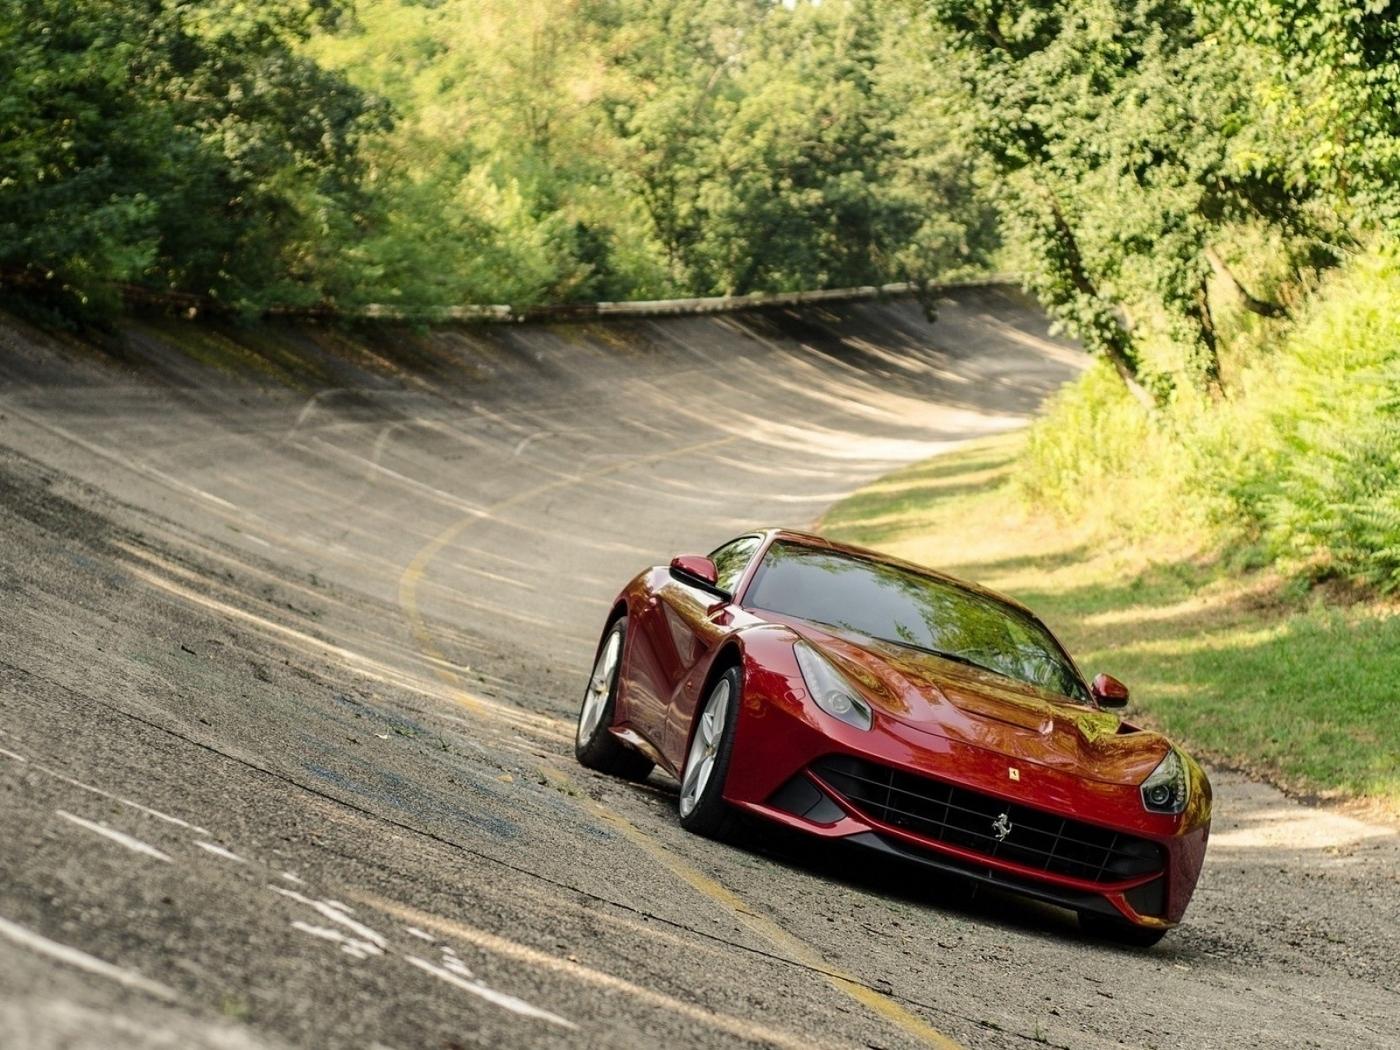 42088 скачать обои Транспорт, Машины, Дороги, Феррари (Ferrari) - заставки и картинки бесплатно